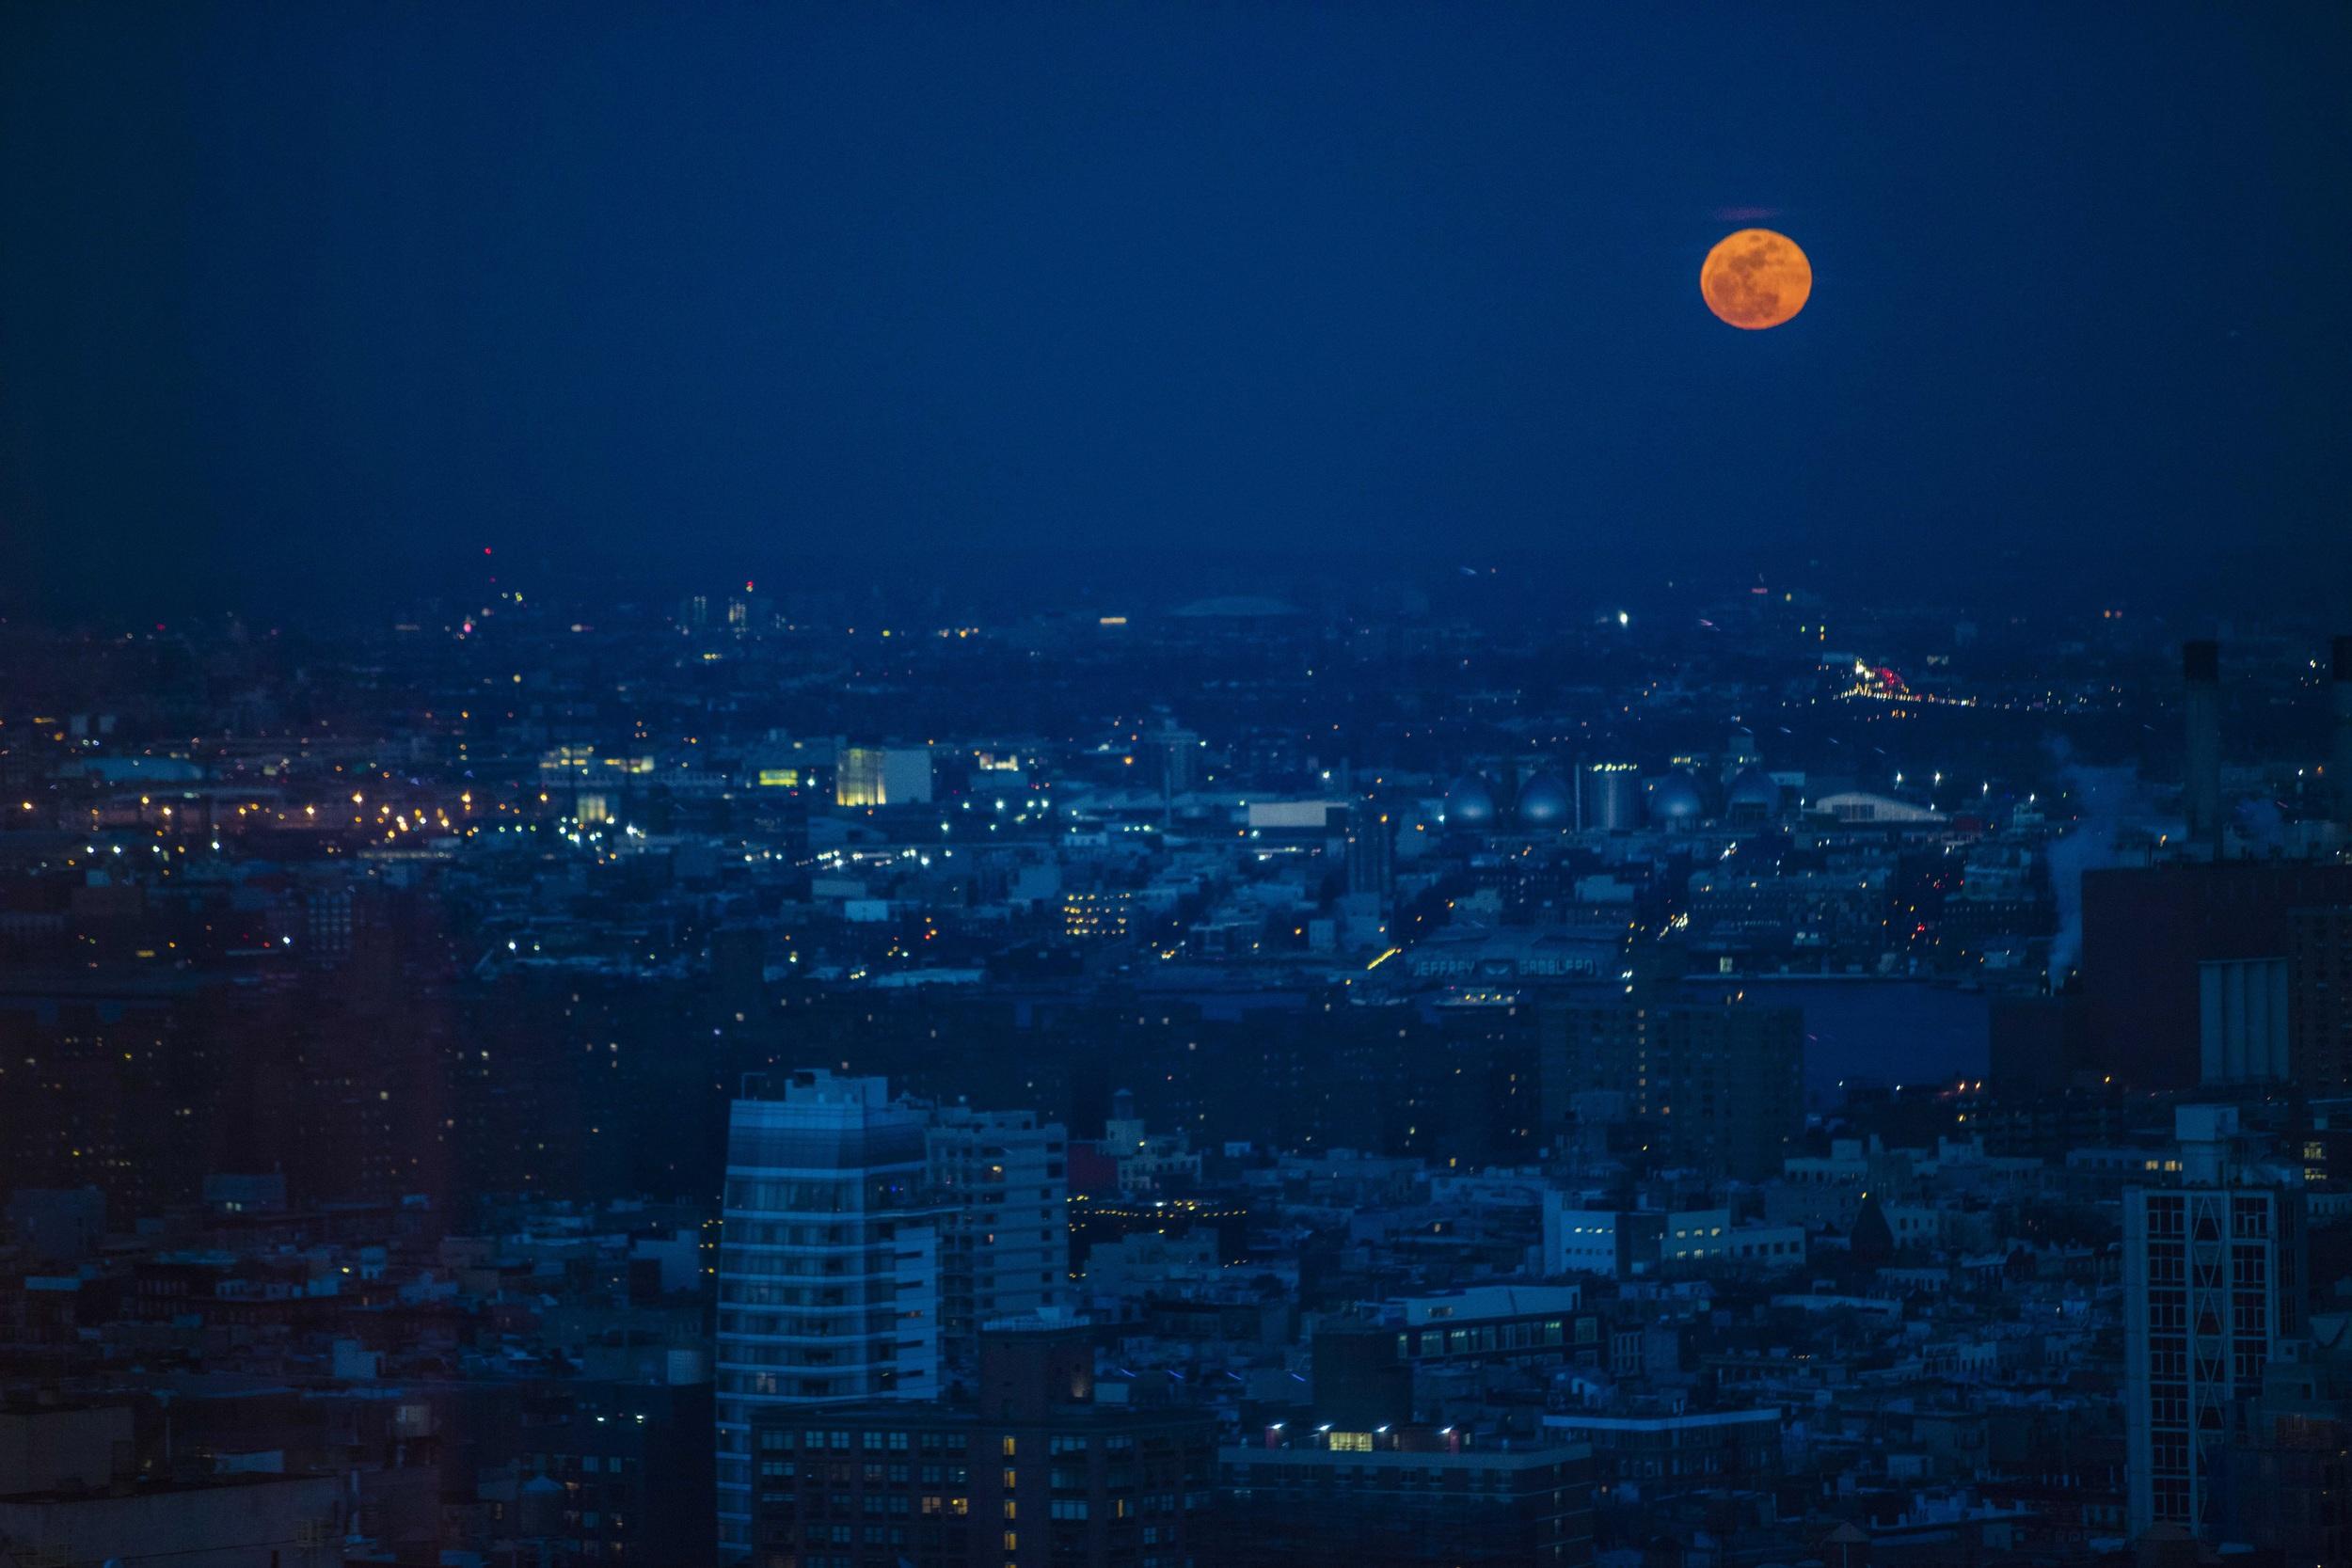 Edited image of New York City. By Brett Winter Lemon